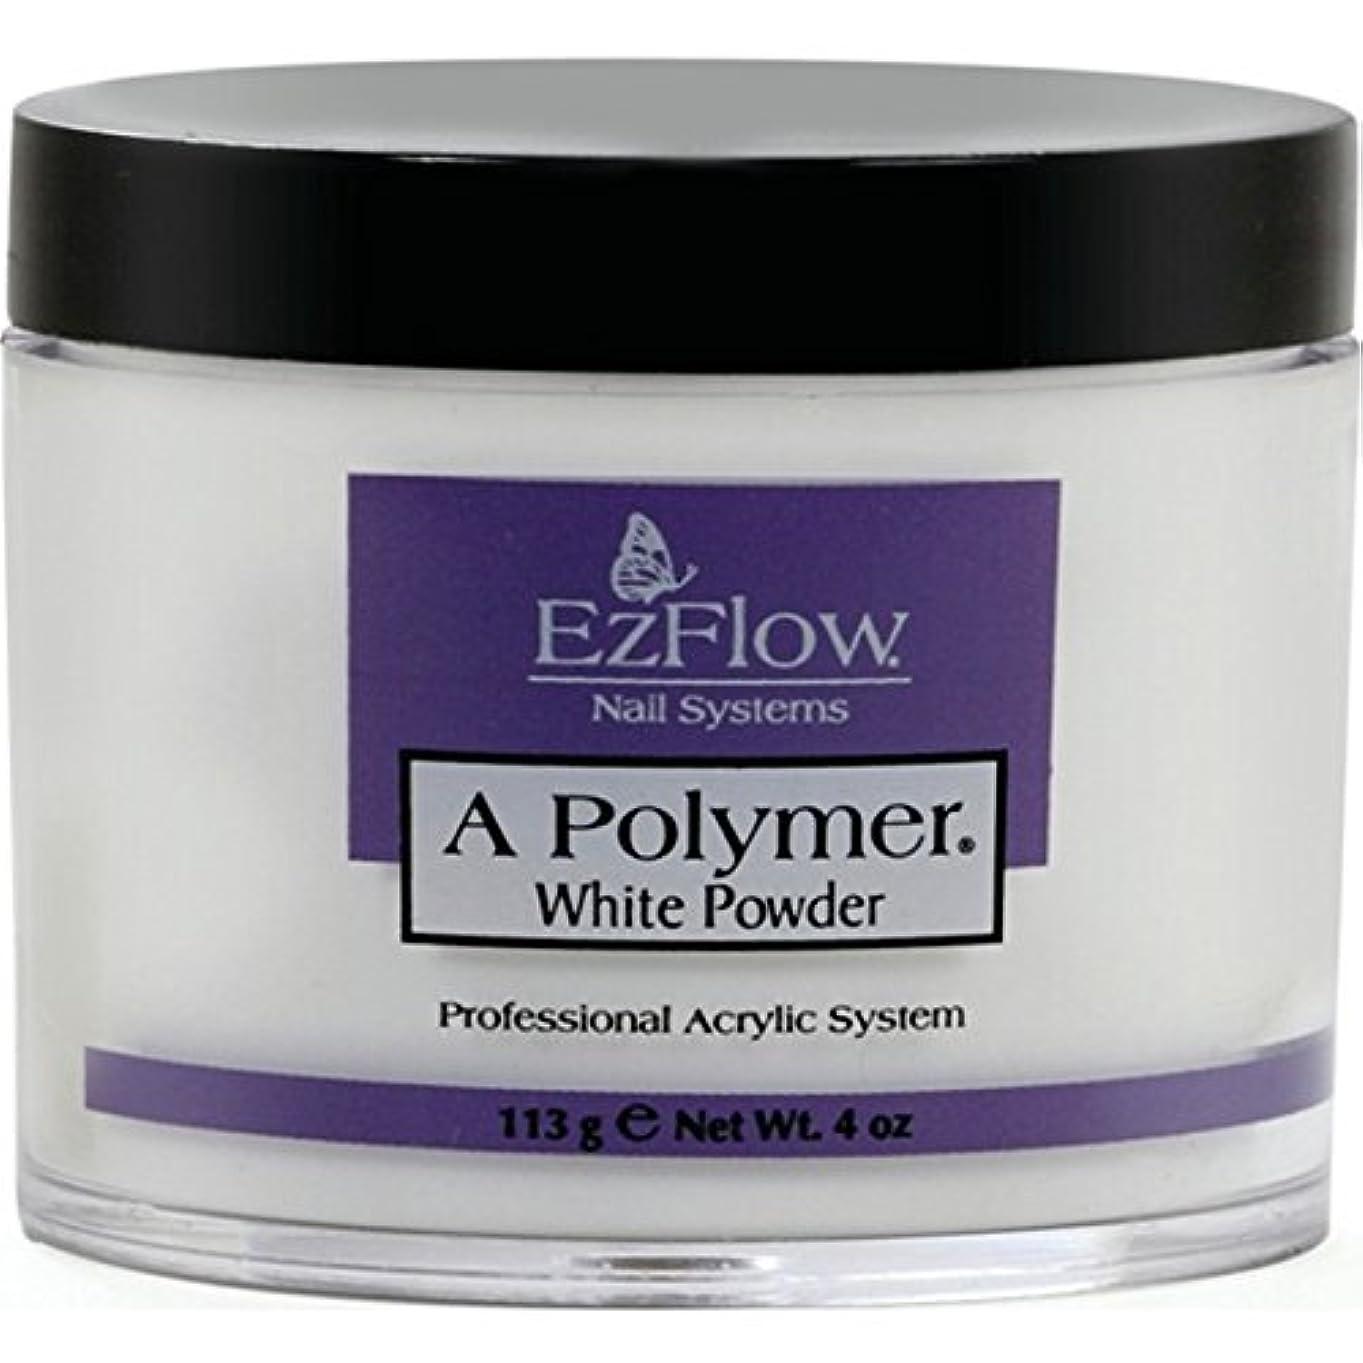 みすぼらしいアラスカ研究所Ez Flow Aポリマー ホワイト 4oz(約113)